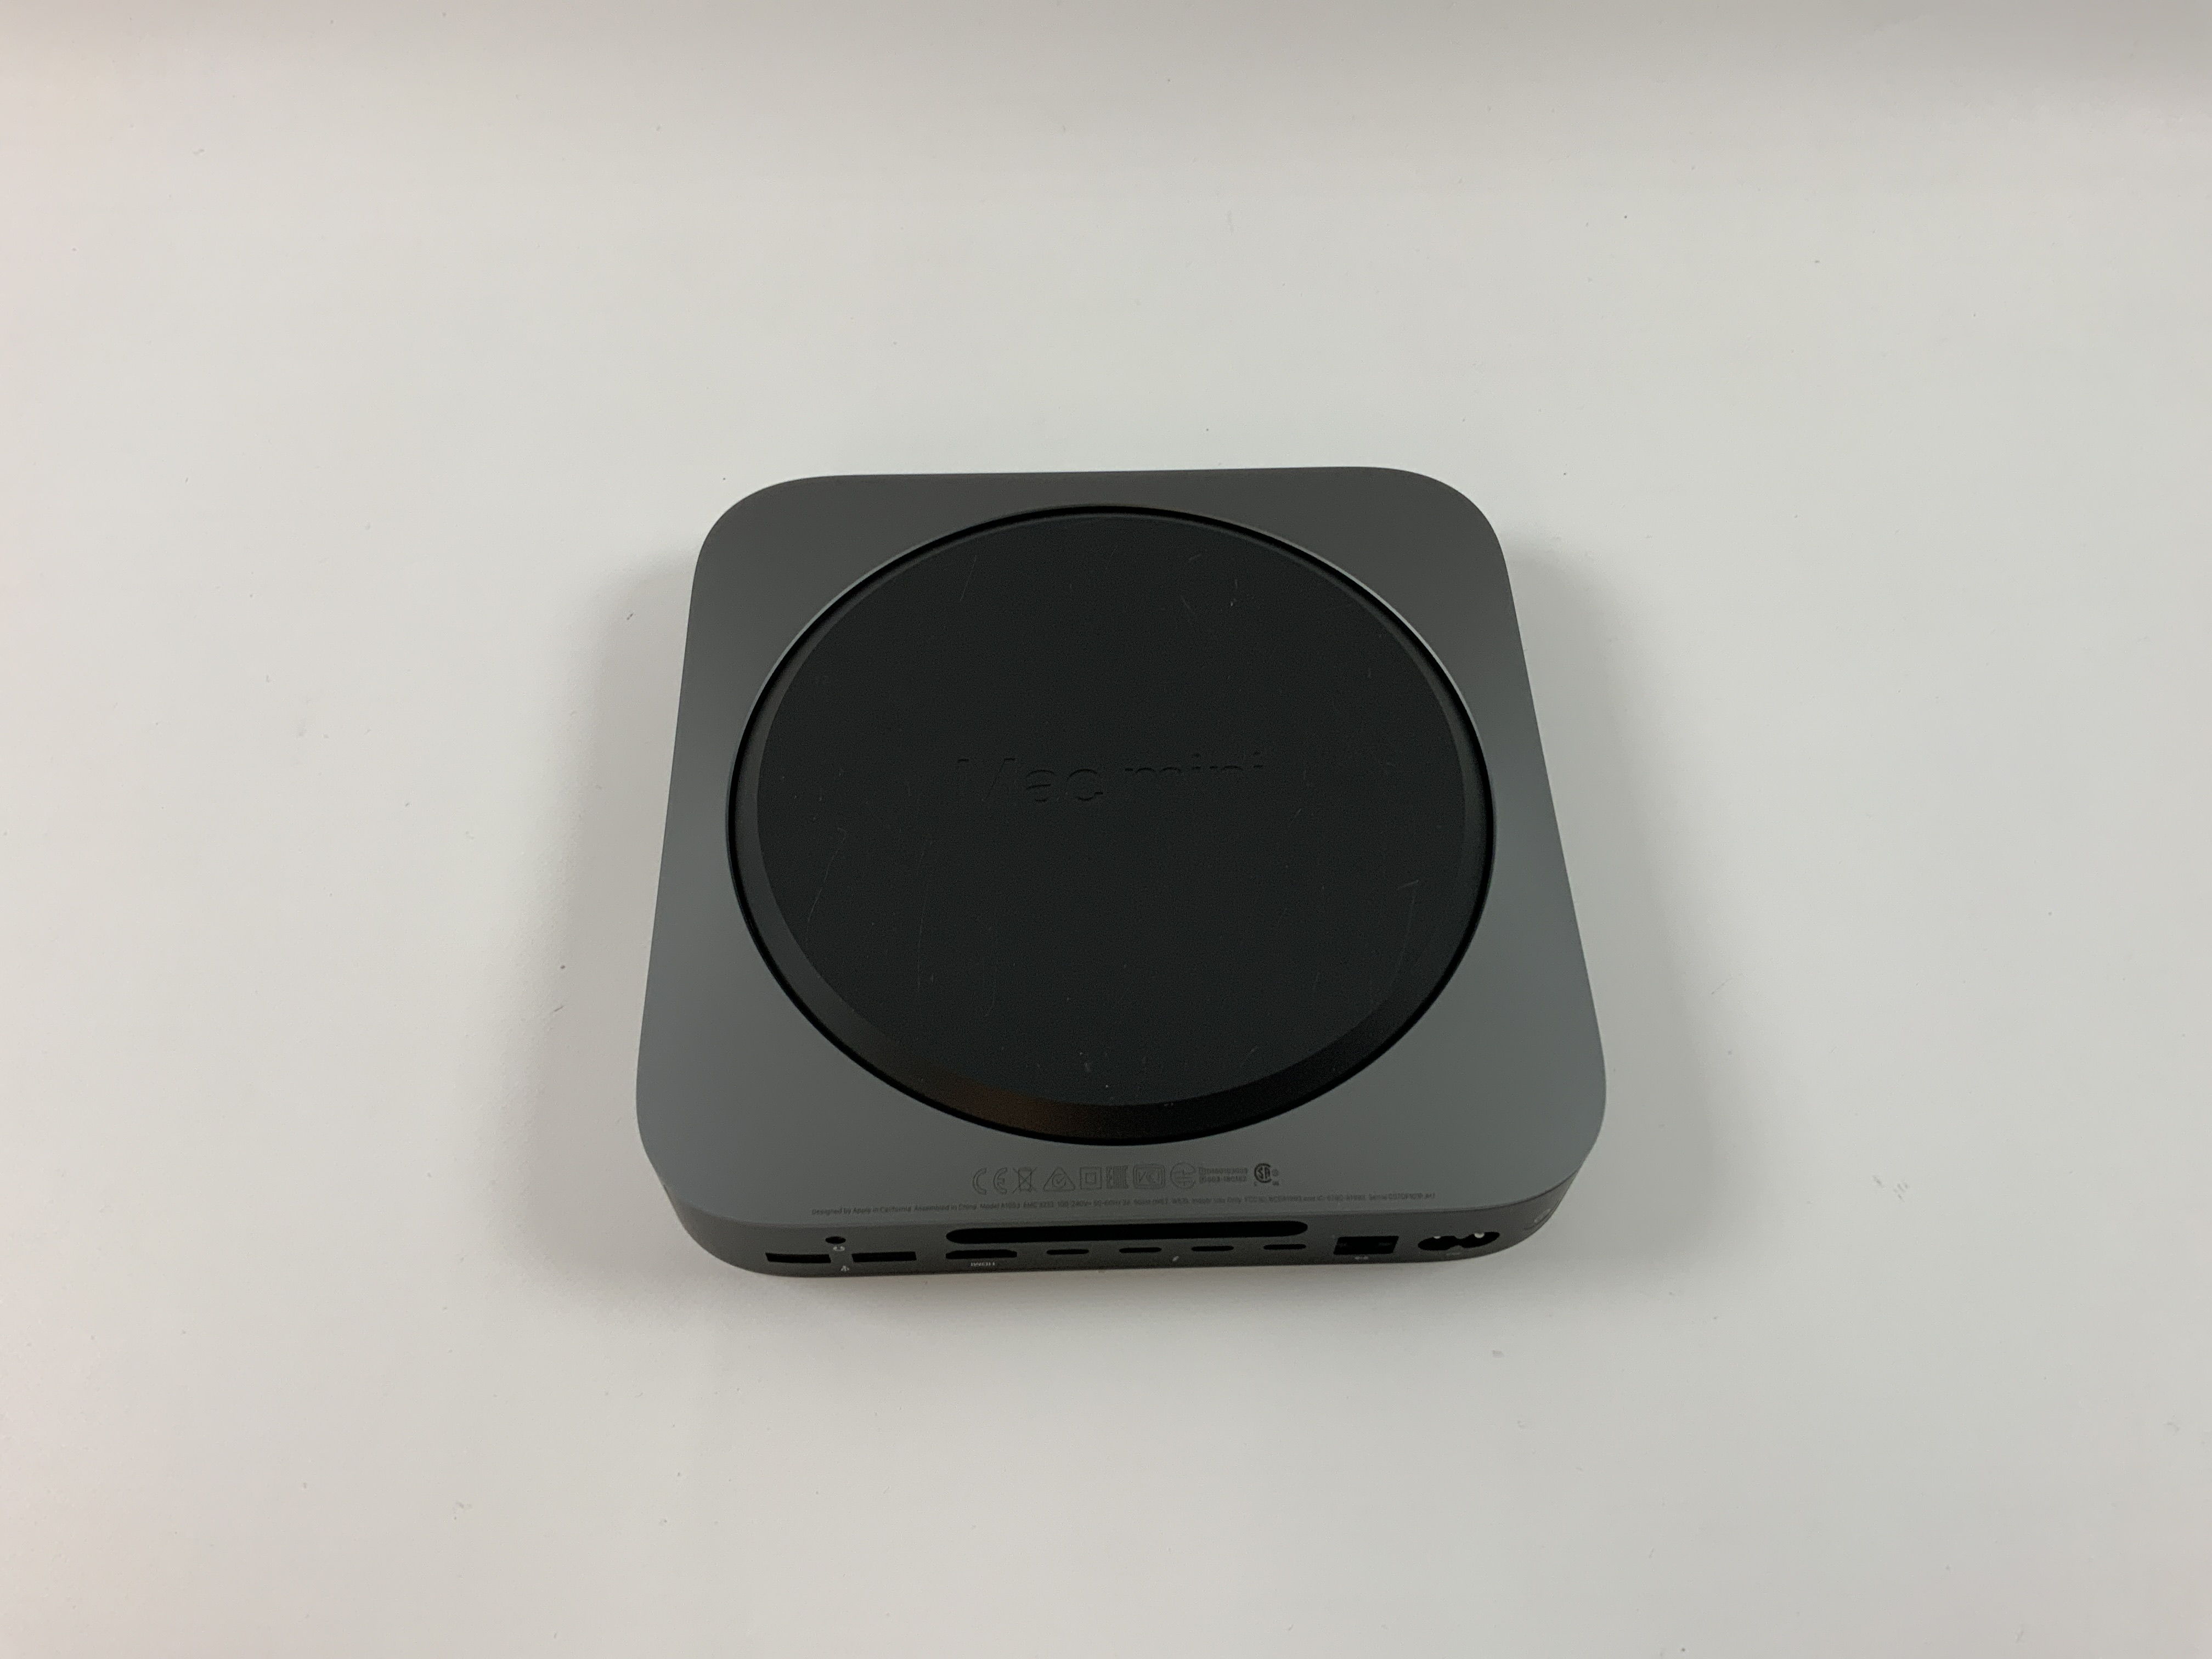 Mac Mini Early 2020 (Intel Quad-Core i3 3.6 GHz 32 GB RAM 256 GB SSD), Intel Quad-Core i3 3.6 GHz, 32 GB RAM, 256 GB SSD, bild 2